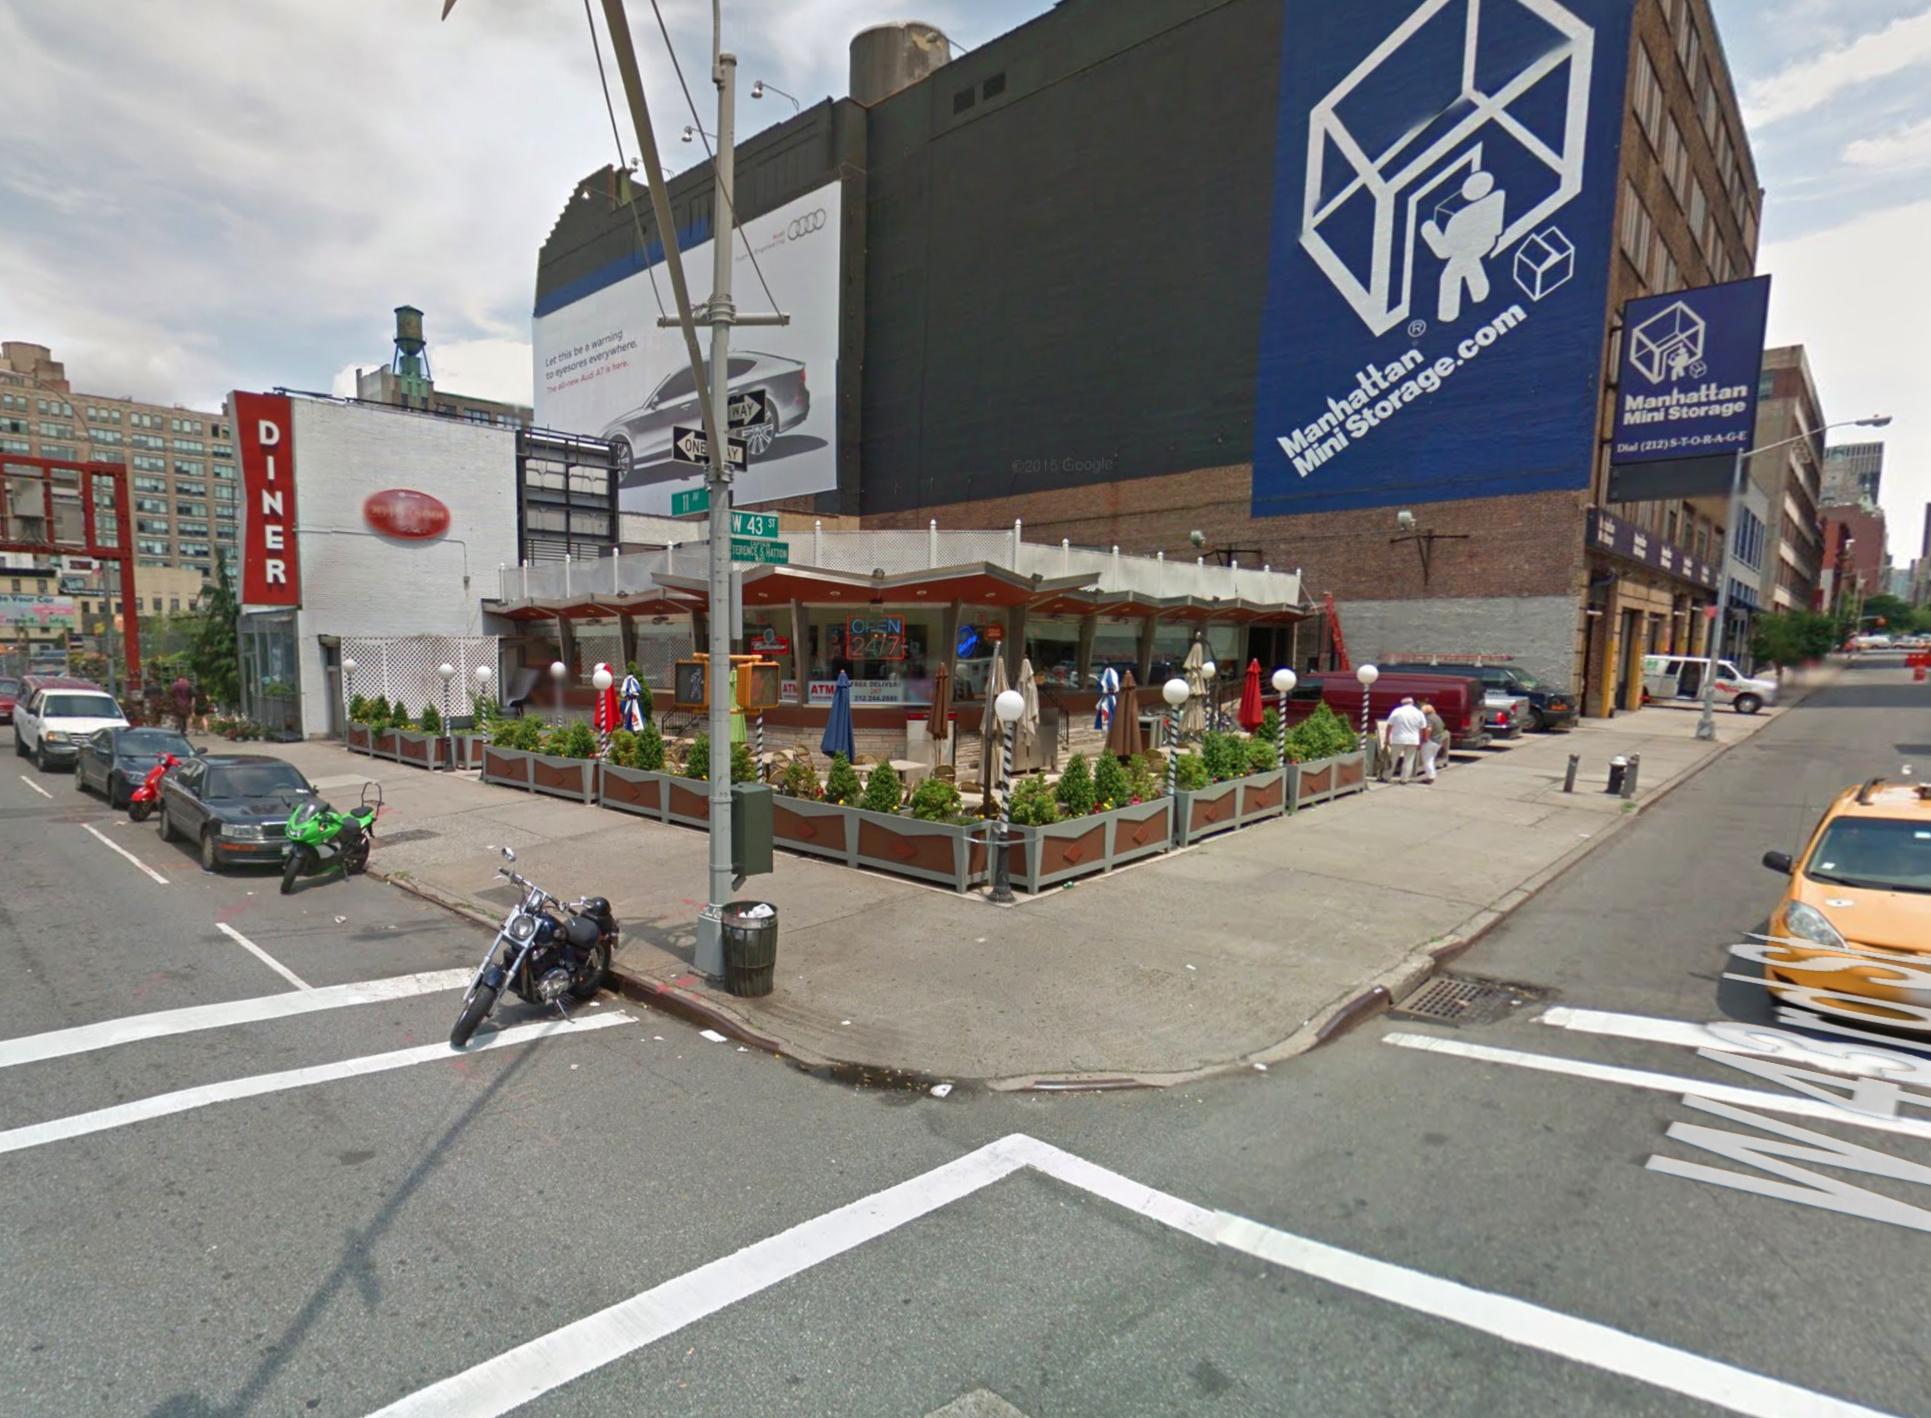 Market Diner, June 2011. Photo via Google Maps.